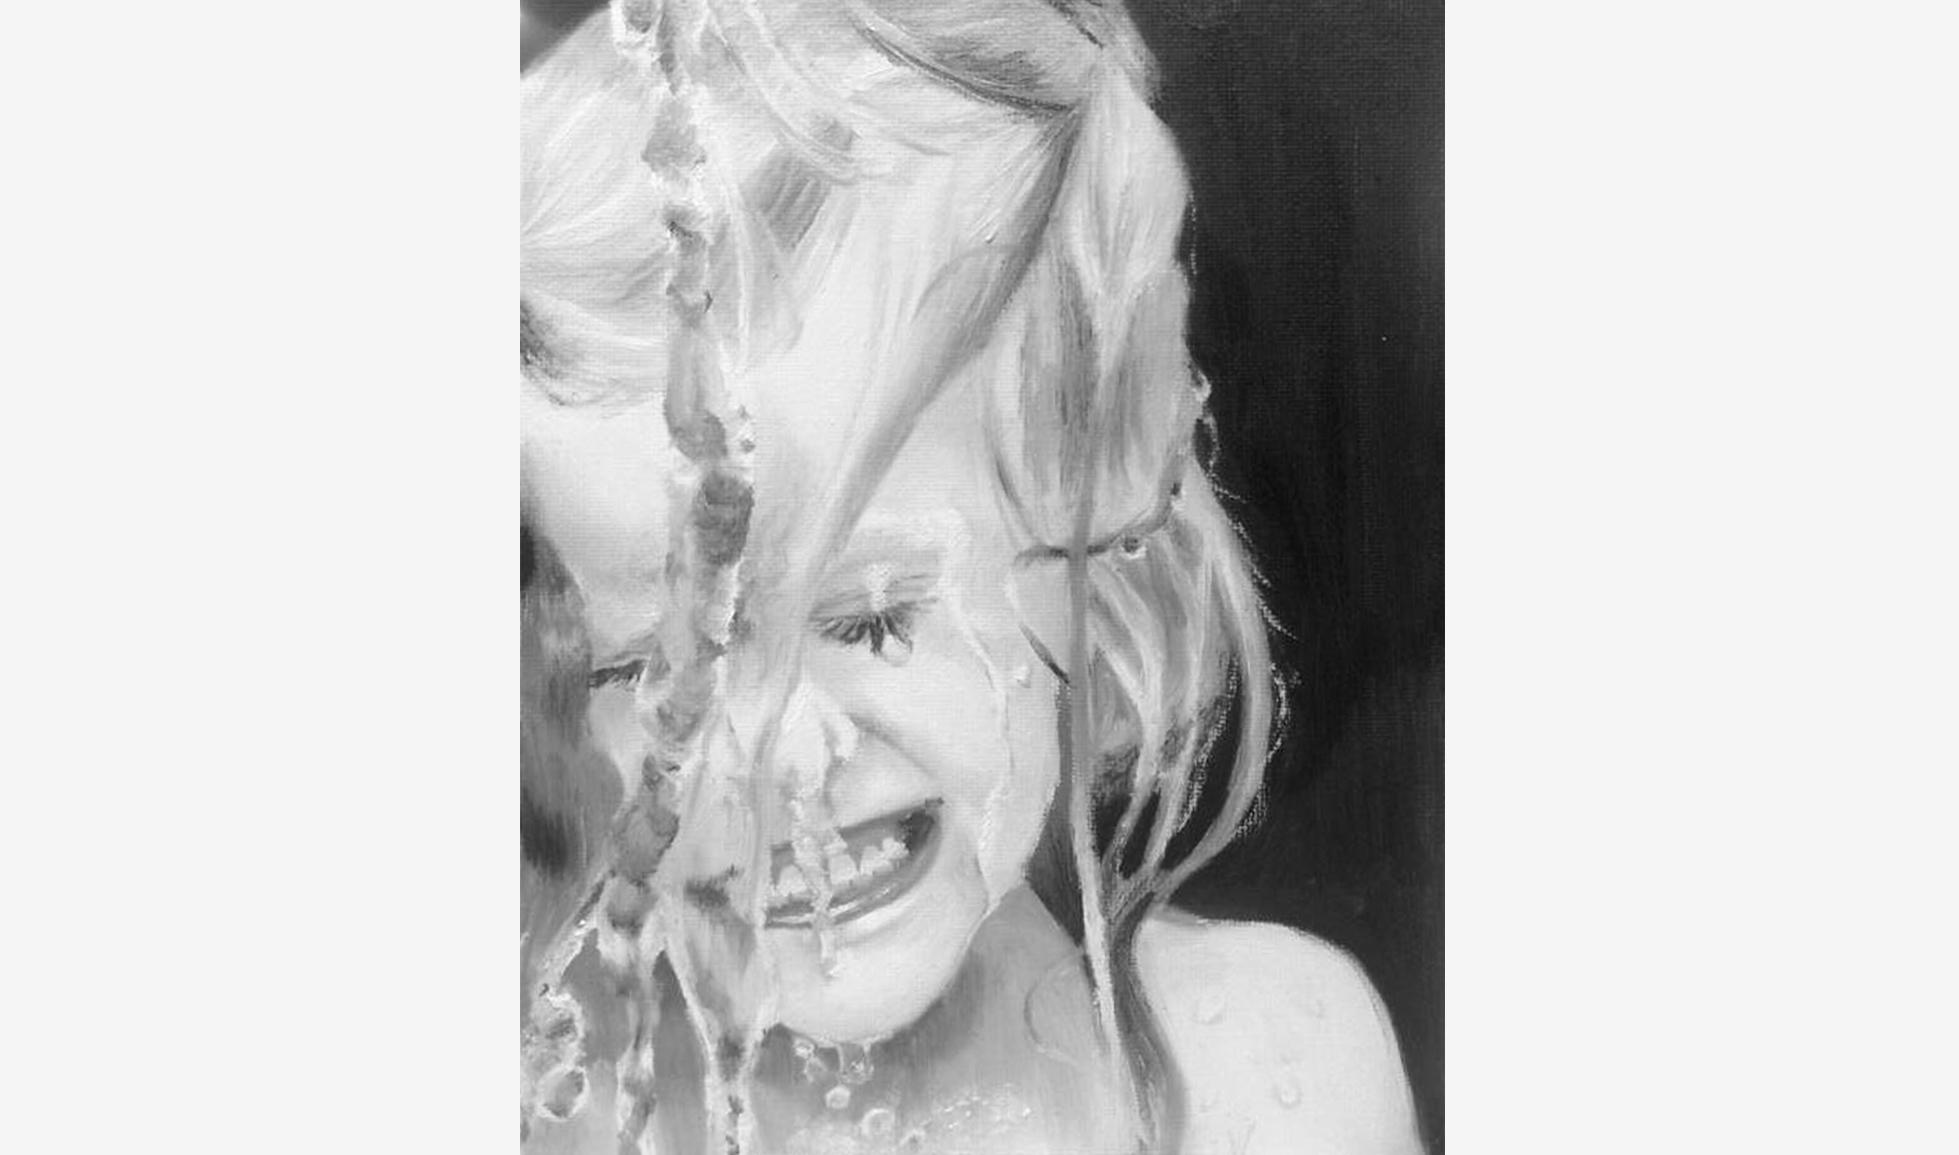 ART_Charcoal_Girl